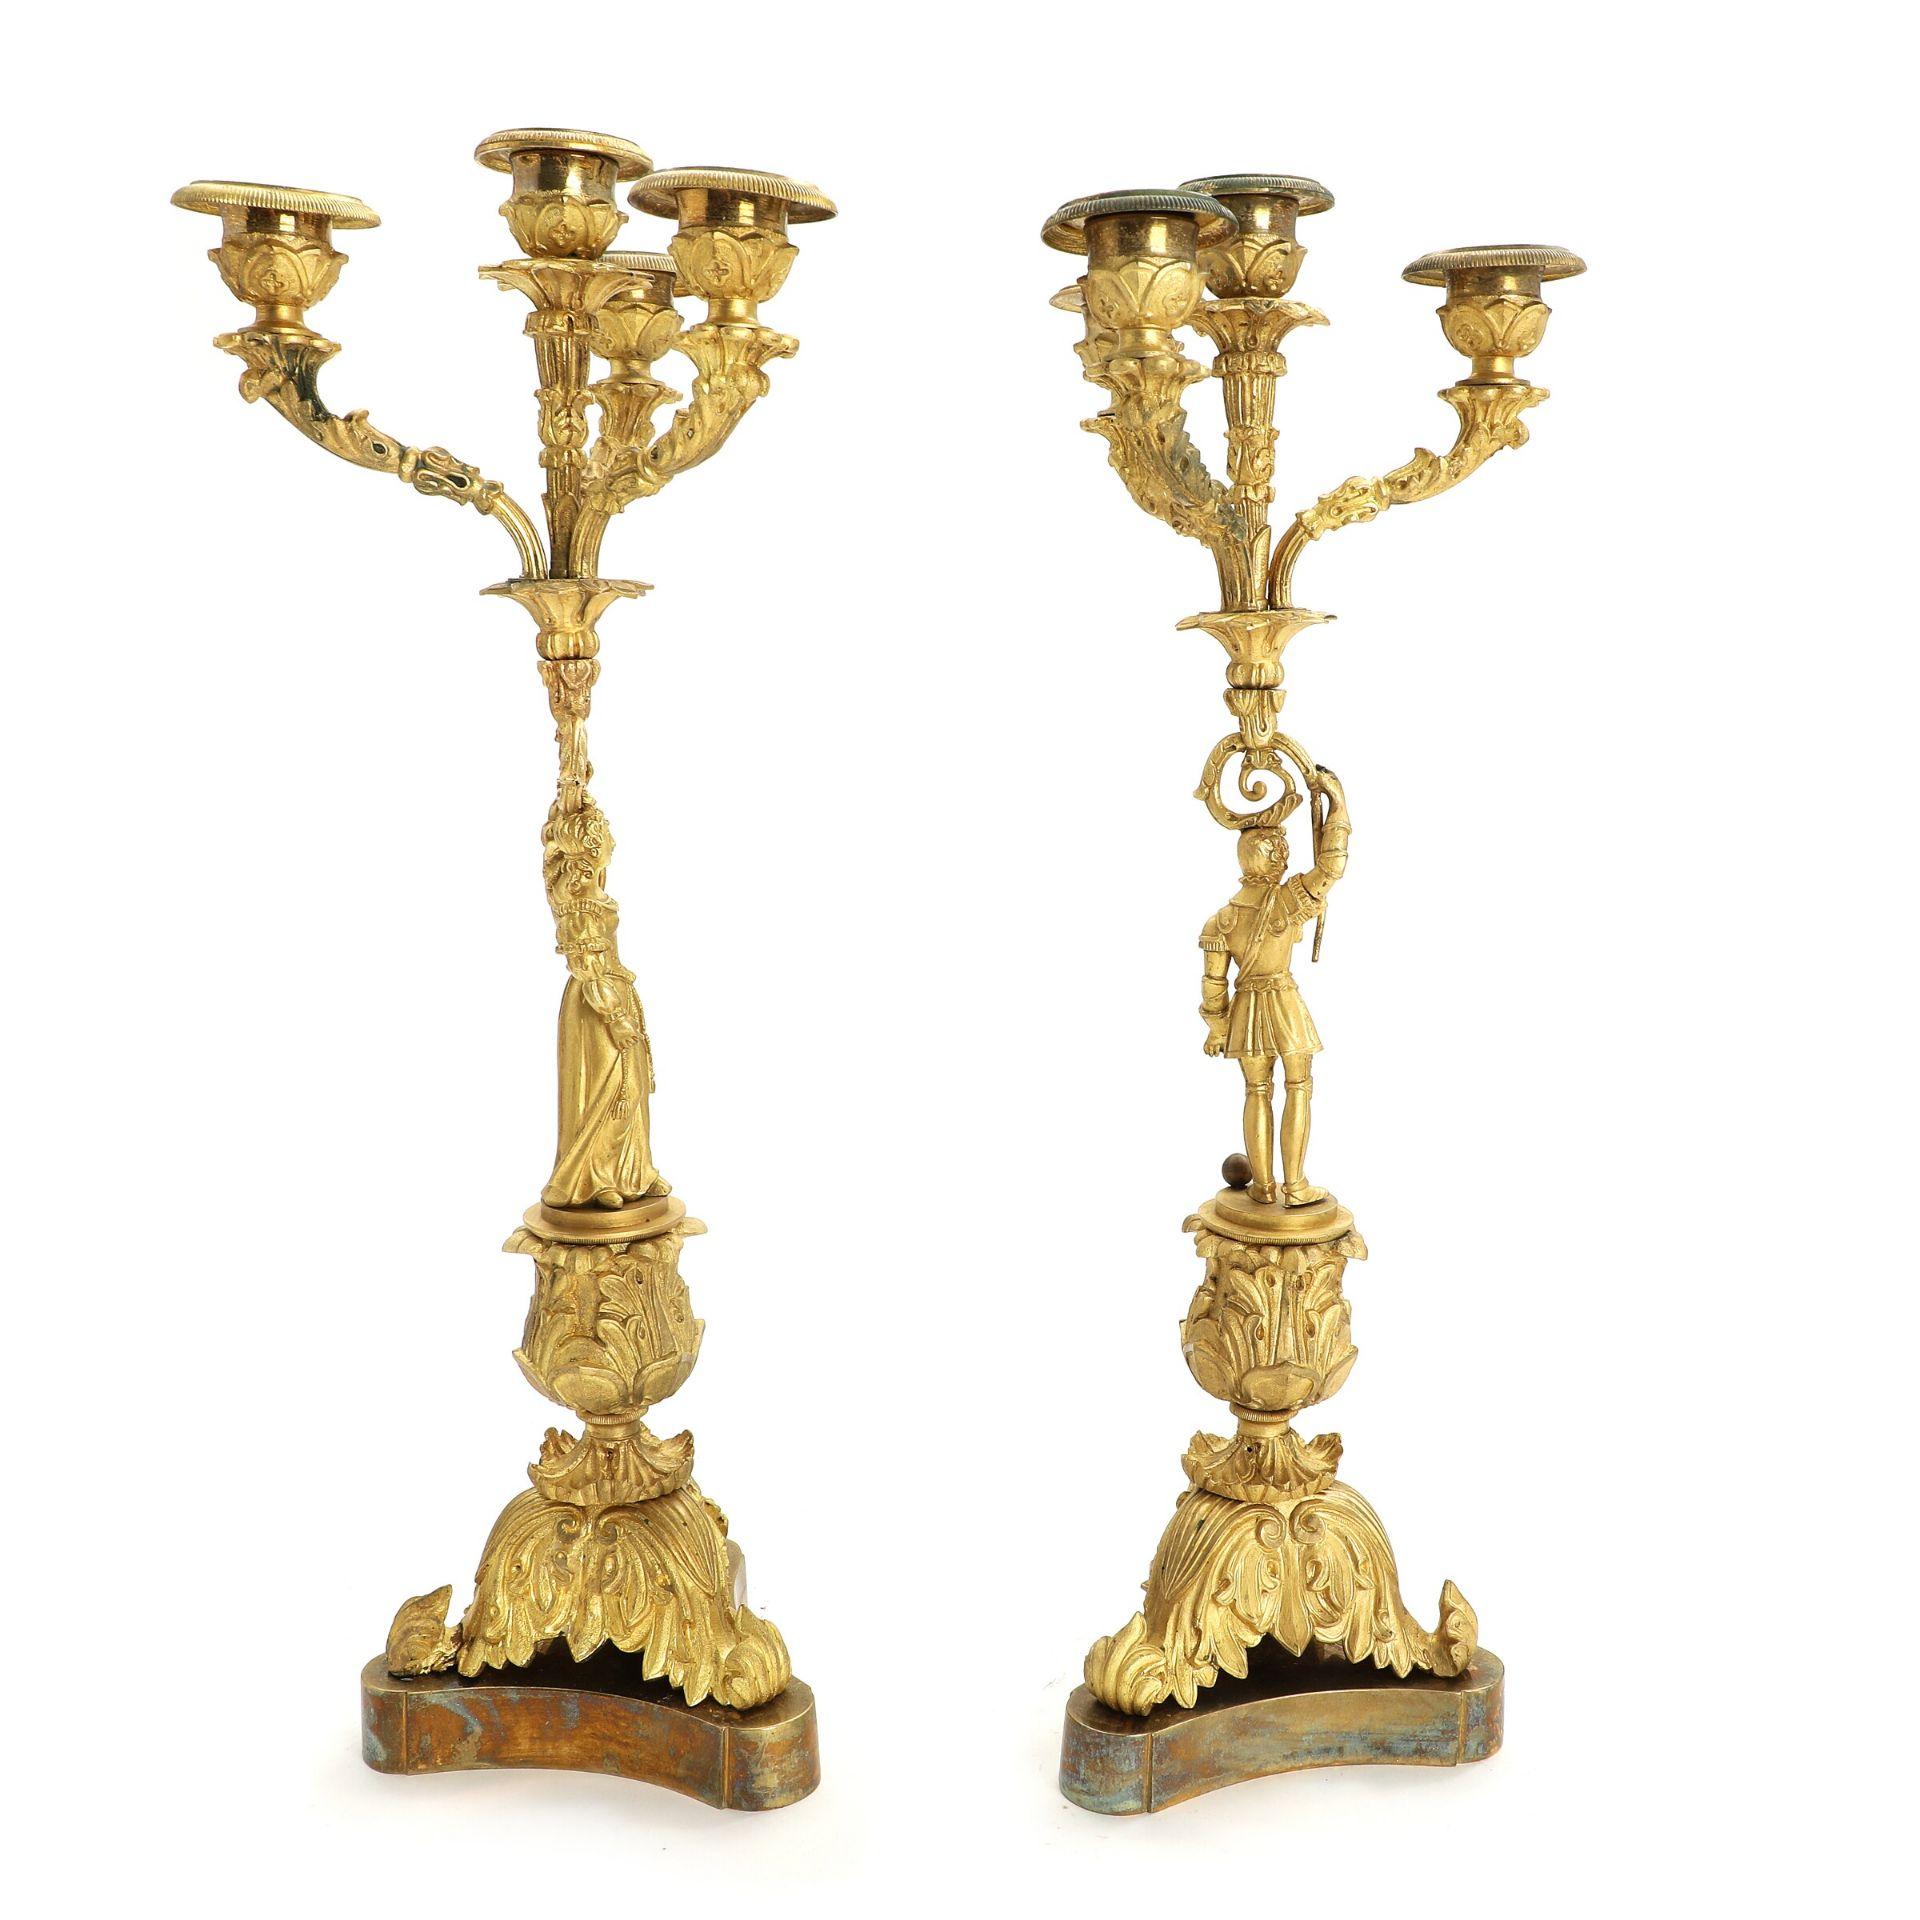 Ein Paar Französische Kerzenleuchter im Trobadour-Style. 5armig. Bronze, vergoldet. 19.Jhdt. H. 45 - Bild 2 aus 3